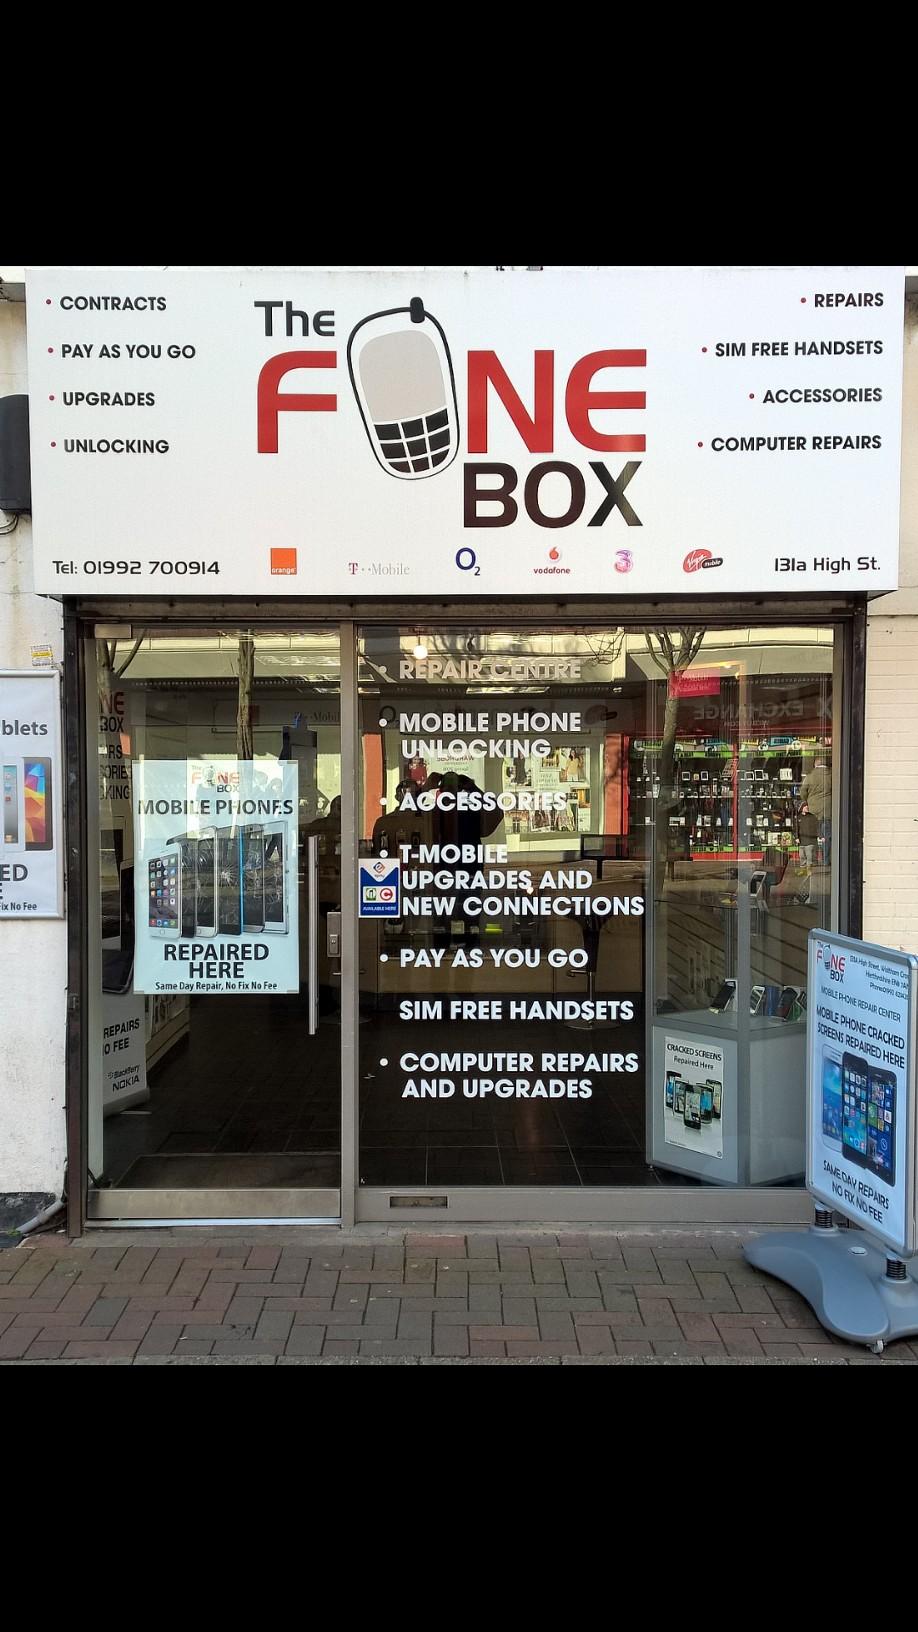 the fone box